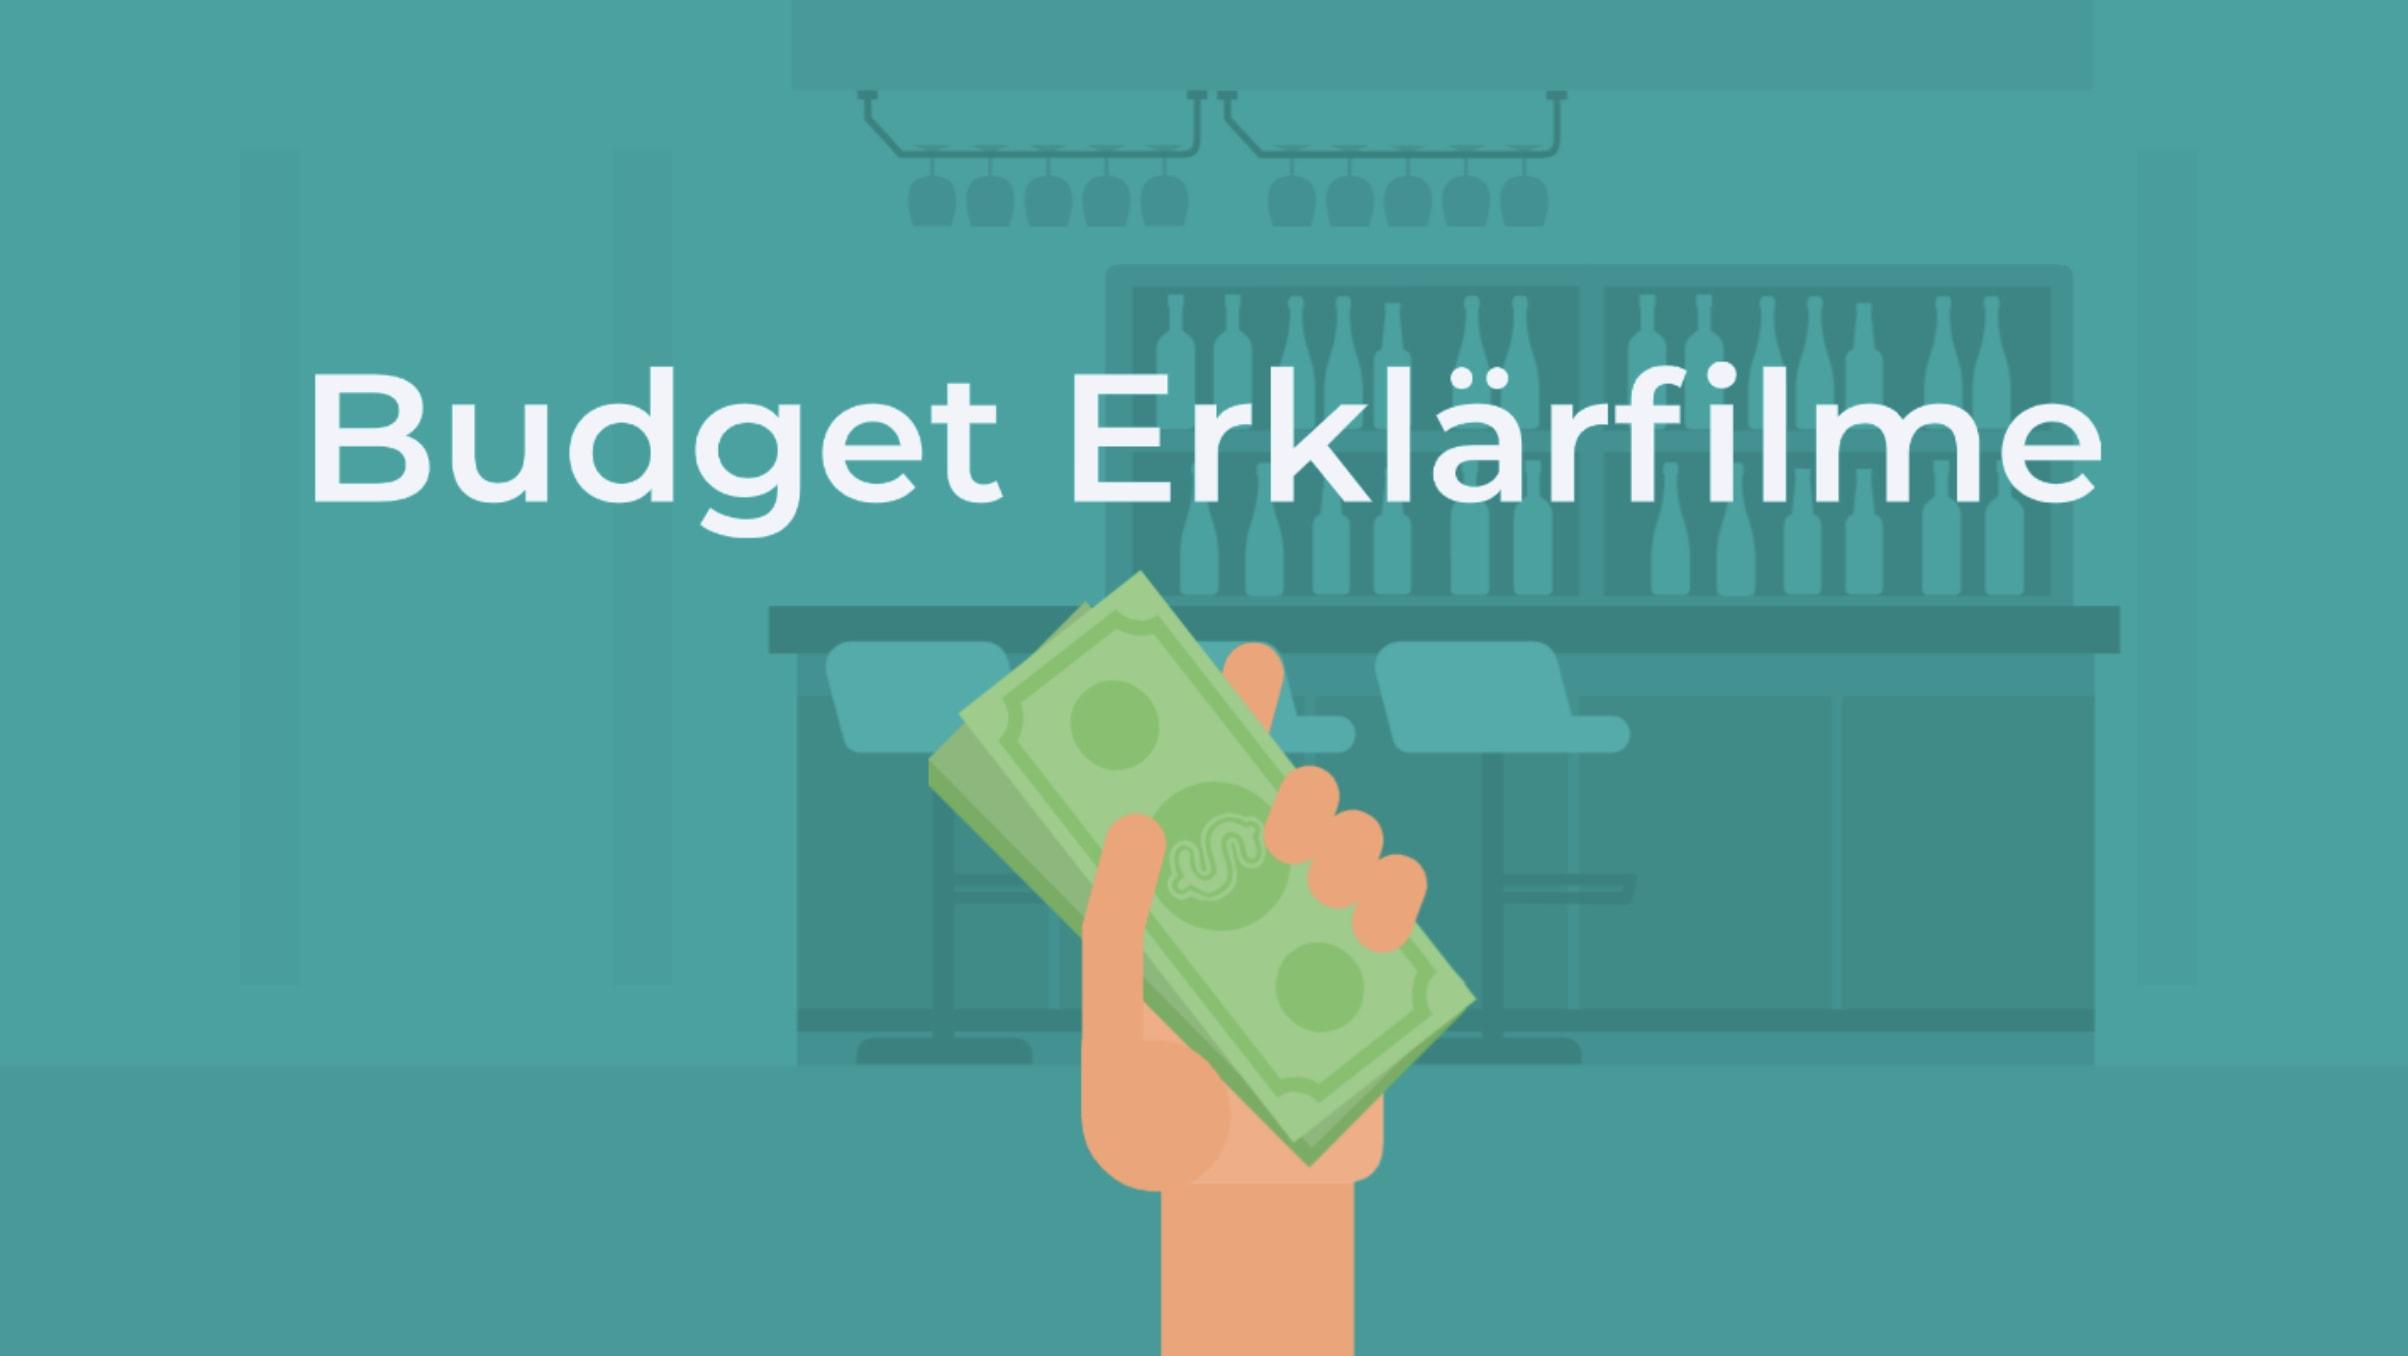 budget erklärfilme